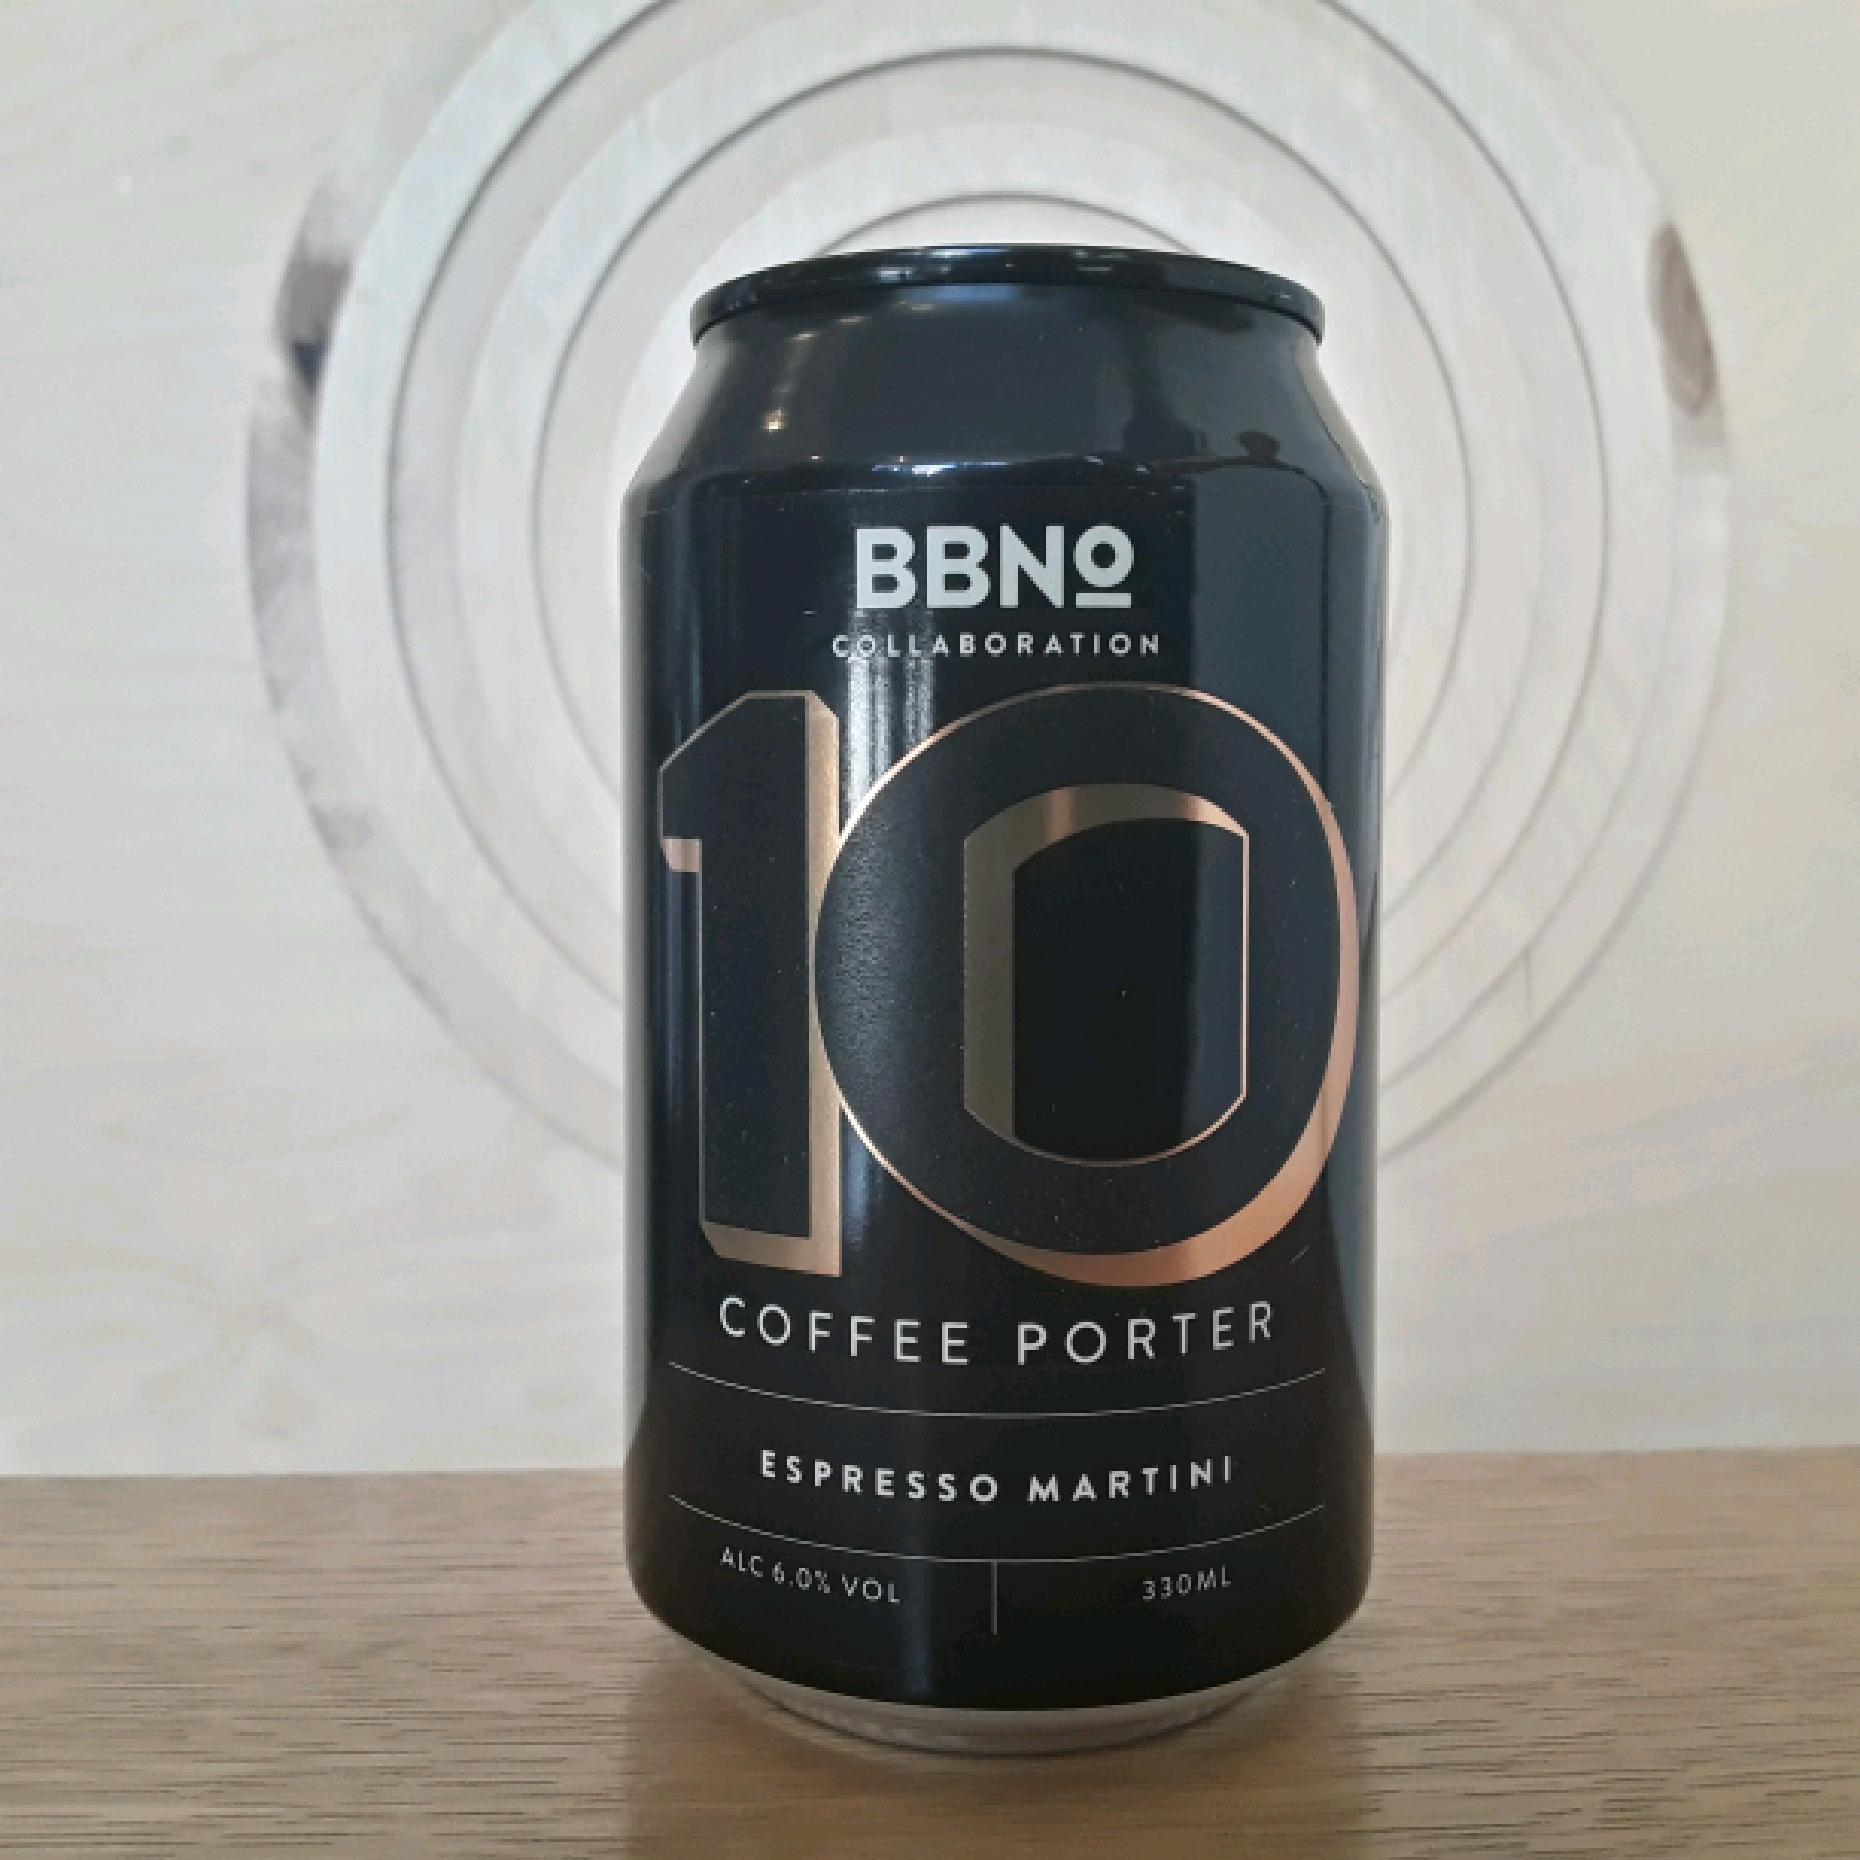 BBNO 10 Coffee Porter Espresso Martini